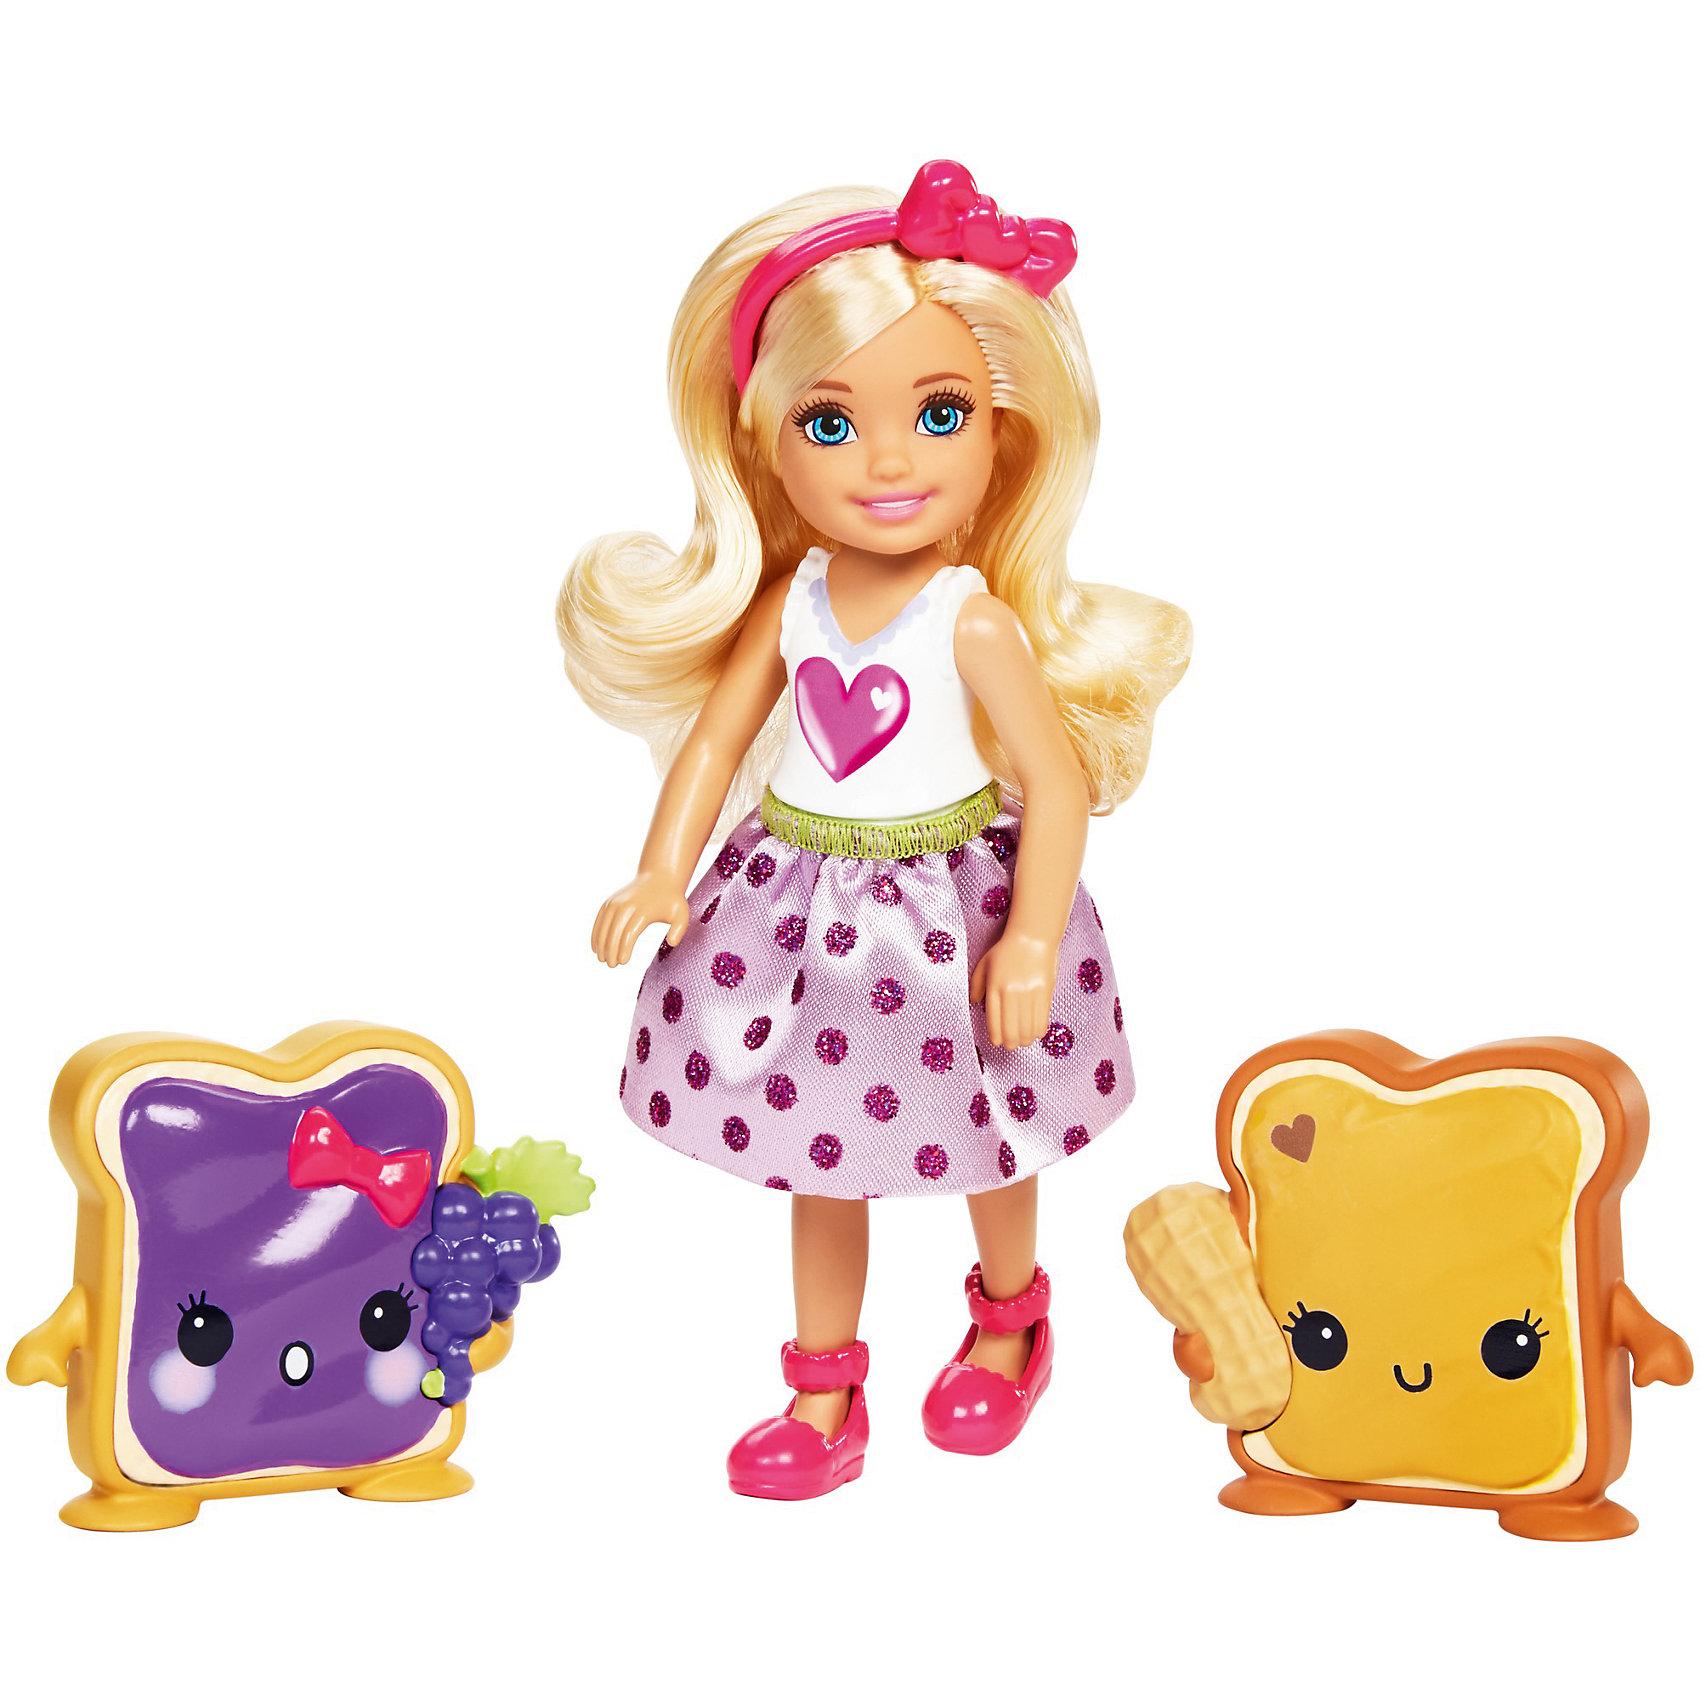 Кукла Barbie Челси и сладостиКуклы-модели<br>Характеристики товара:<br><br>• возраст: от 3 лет<br>• материал: пластик;<br>• высота куклы: 11-13 см;<br>• размер упаковки: 16X16X6 см;<br>• страна бренда: США<br>• страна изготовоитель: Китай<br><br>Очаровательная кукла Chelsea™ из королевства Сладкоград Barbie™ Dreamtopia еще милее, когда рядом друзья из страны сладостей. <br><br>Chelsea™ с арахисовым маслом и?желе одета в юбку с узором в виде желе. Увлекательные детали есть и у друзей из Сладкограда: у арахисового масла есть орешек, а у желе— виноградины. <br><br>Куклу Barbie Челси и сладости можно купить в нашем интернет-магазине.<br><br>Ширина мм: 160<br>Глубина мм: 45<br>Высота мм: 165<br>Вес г: 192<br>Возраст от месяцев: 36<br>Возраст до месяцев: 2147483647<br>Пол: Женский<br>Возраст: Детский<br>SKU: 7014662